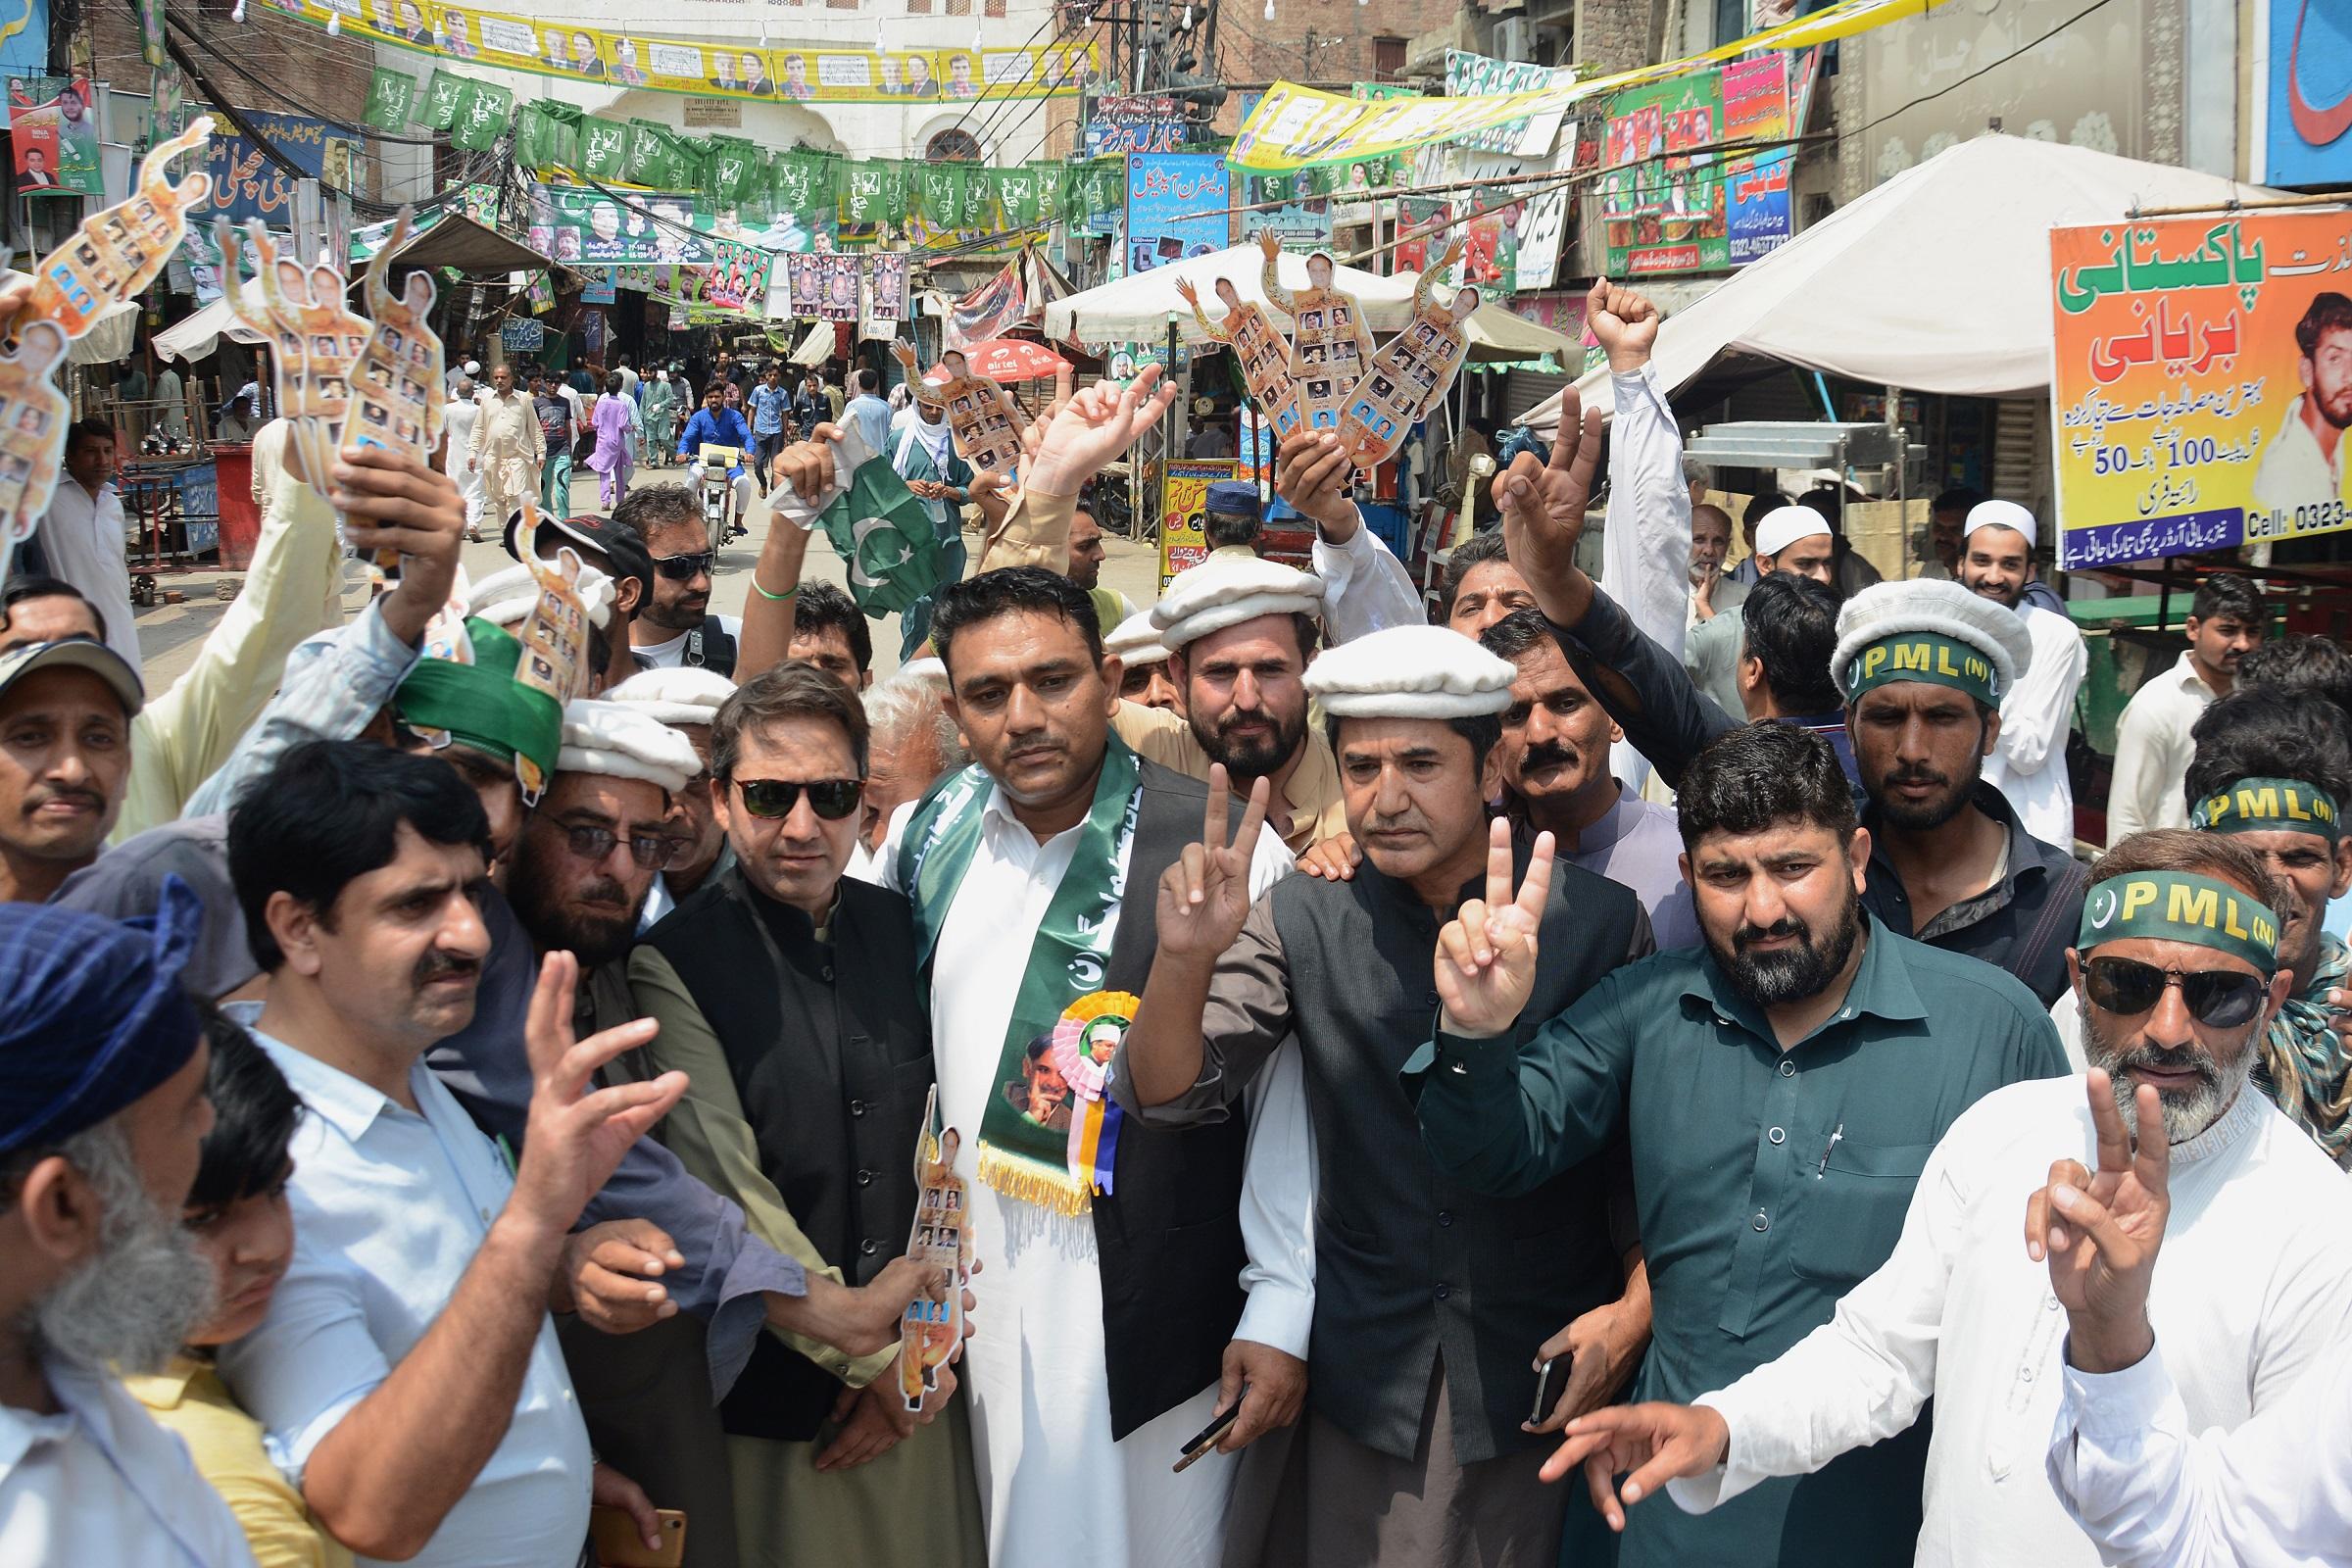 Elszámoltatás Pakisztánban: választási csalás miatt a kormányzó párt 16 868 tagja ellen indítottak büntetőeljárást